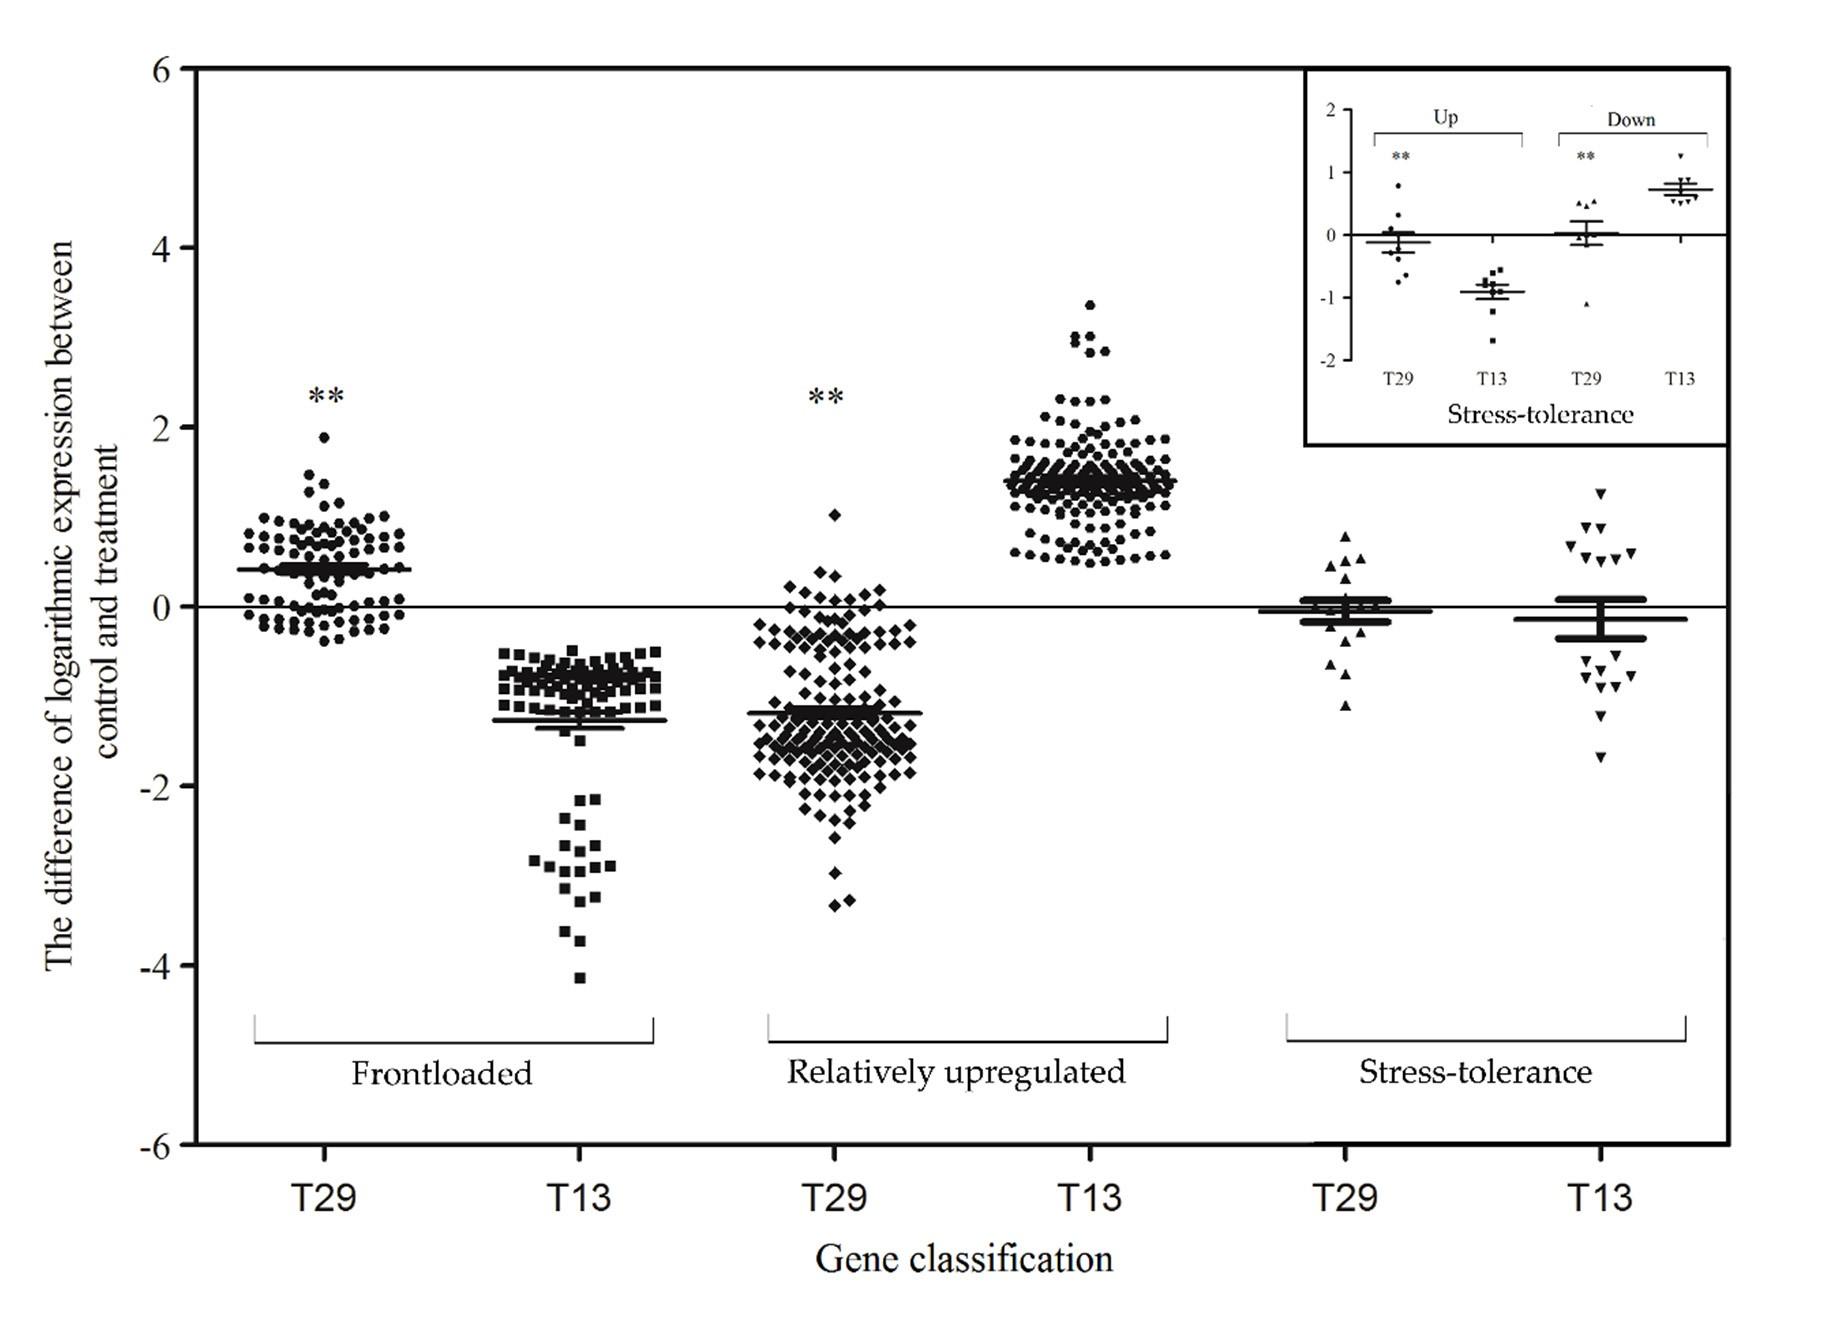 高NUE T29和低NUE T13之间的基因表达散点图